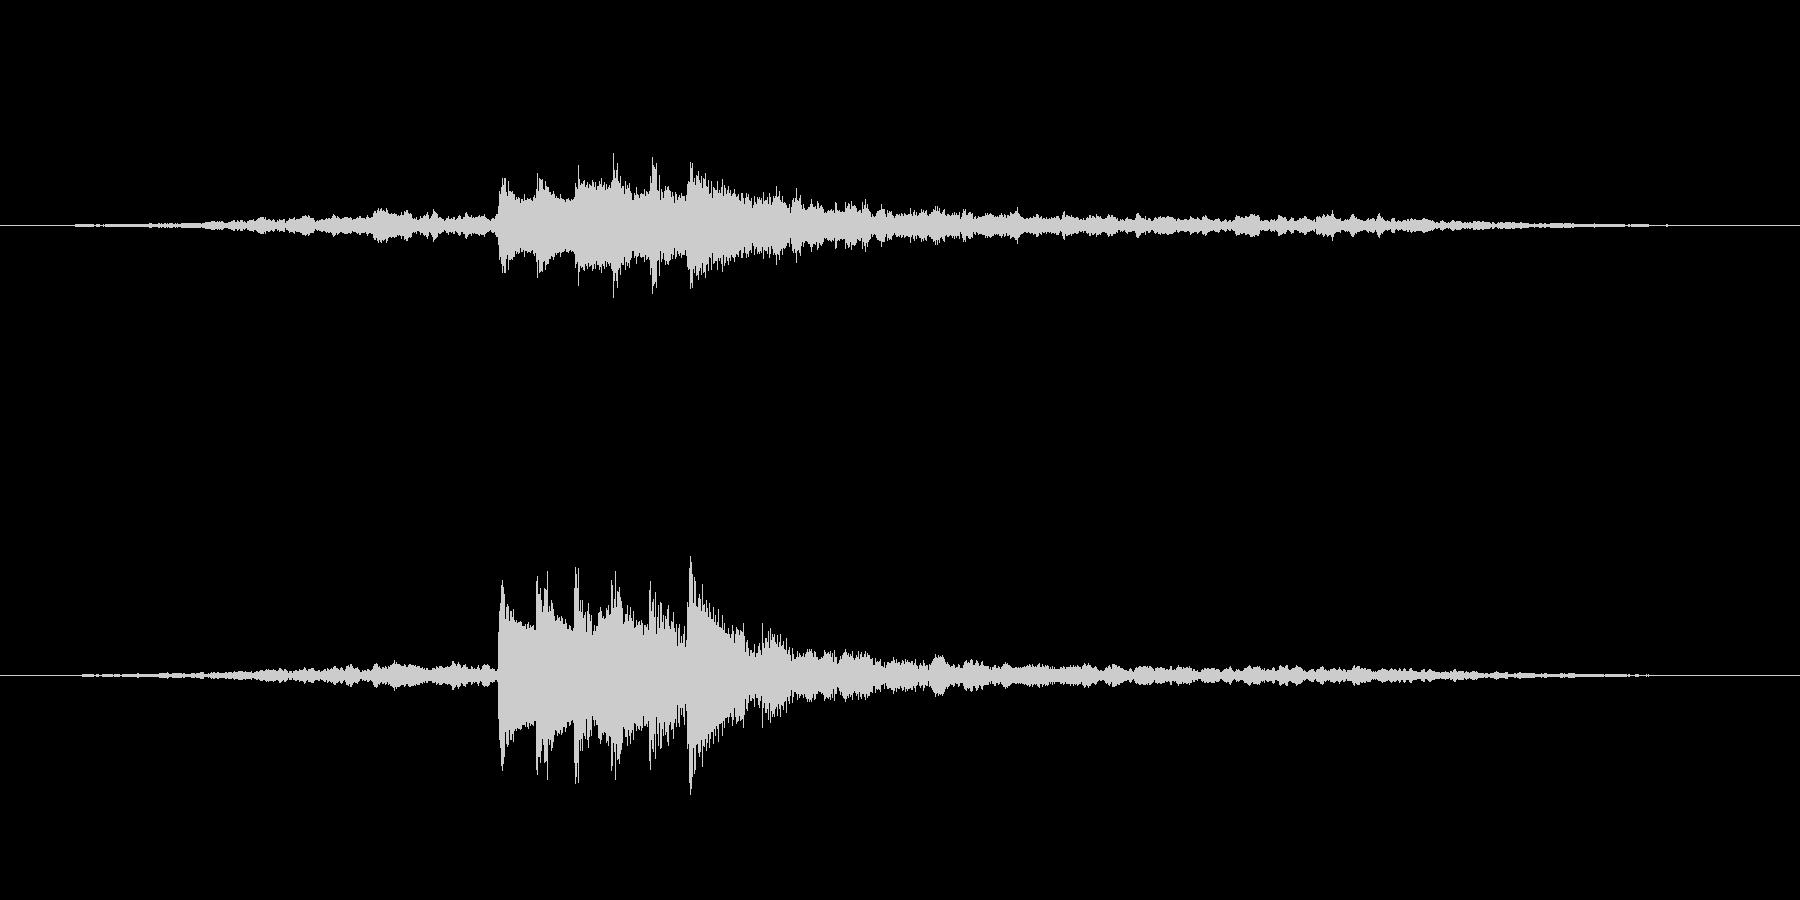 ホラー系 不吉な予感 SEの未再生の波形